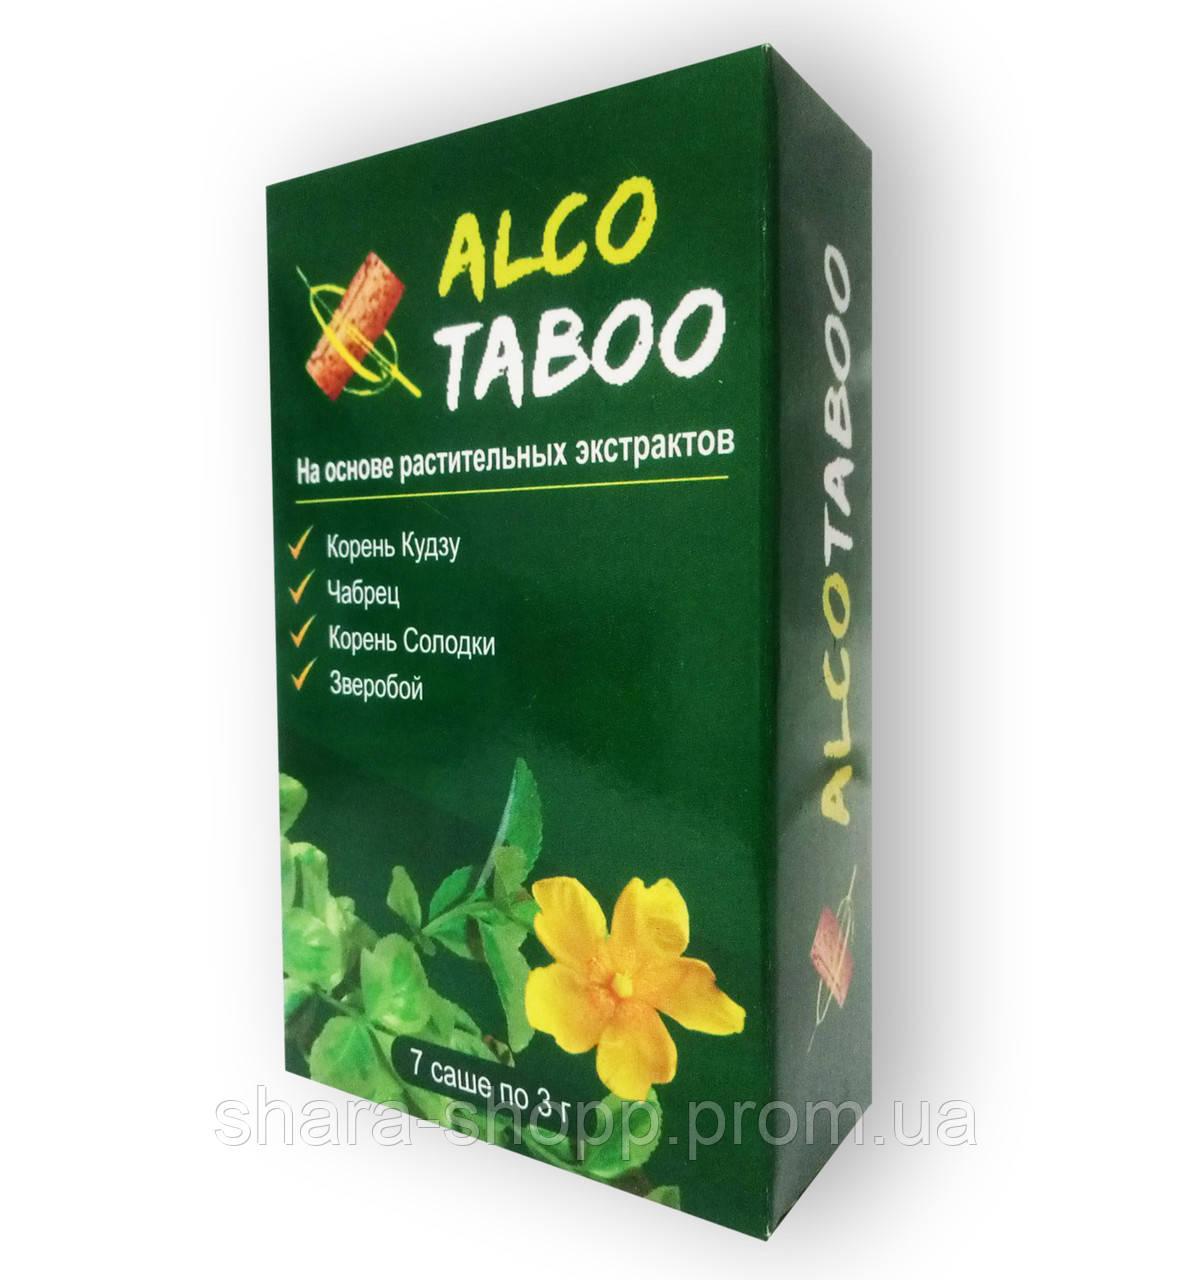 Alco Taboo - Концентрат сухої від алкоголізму (Алко Табу)